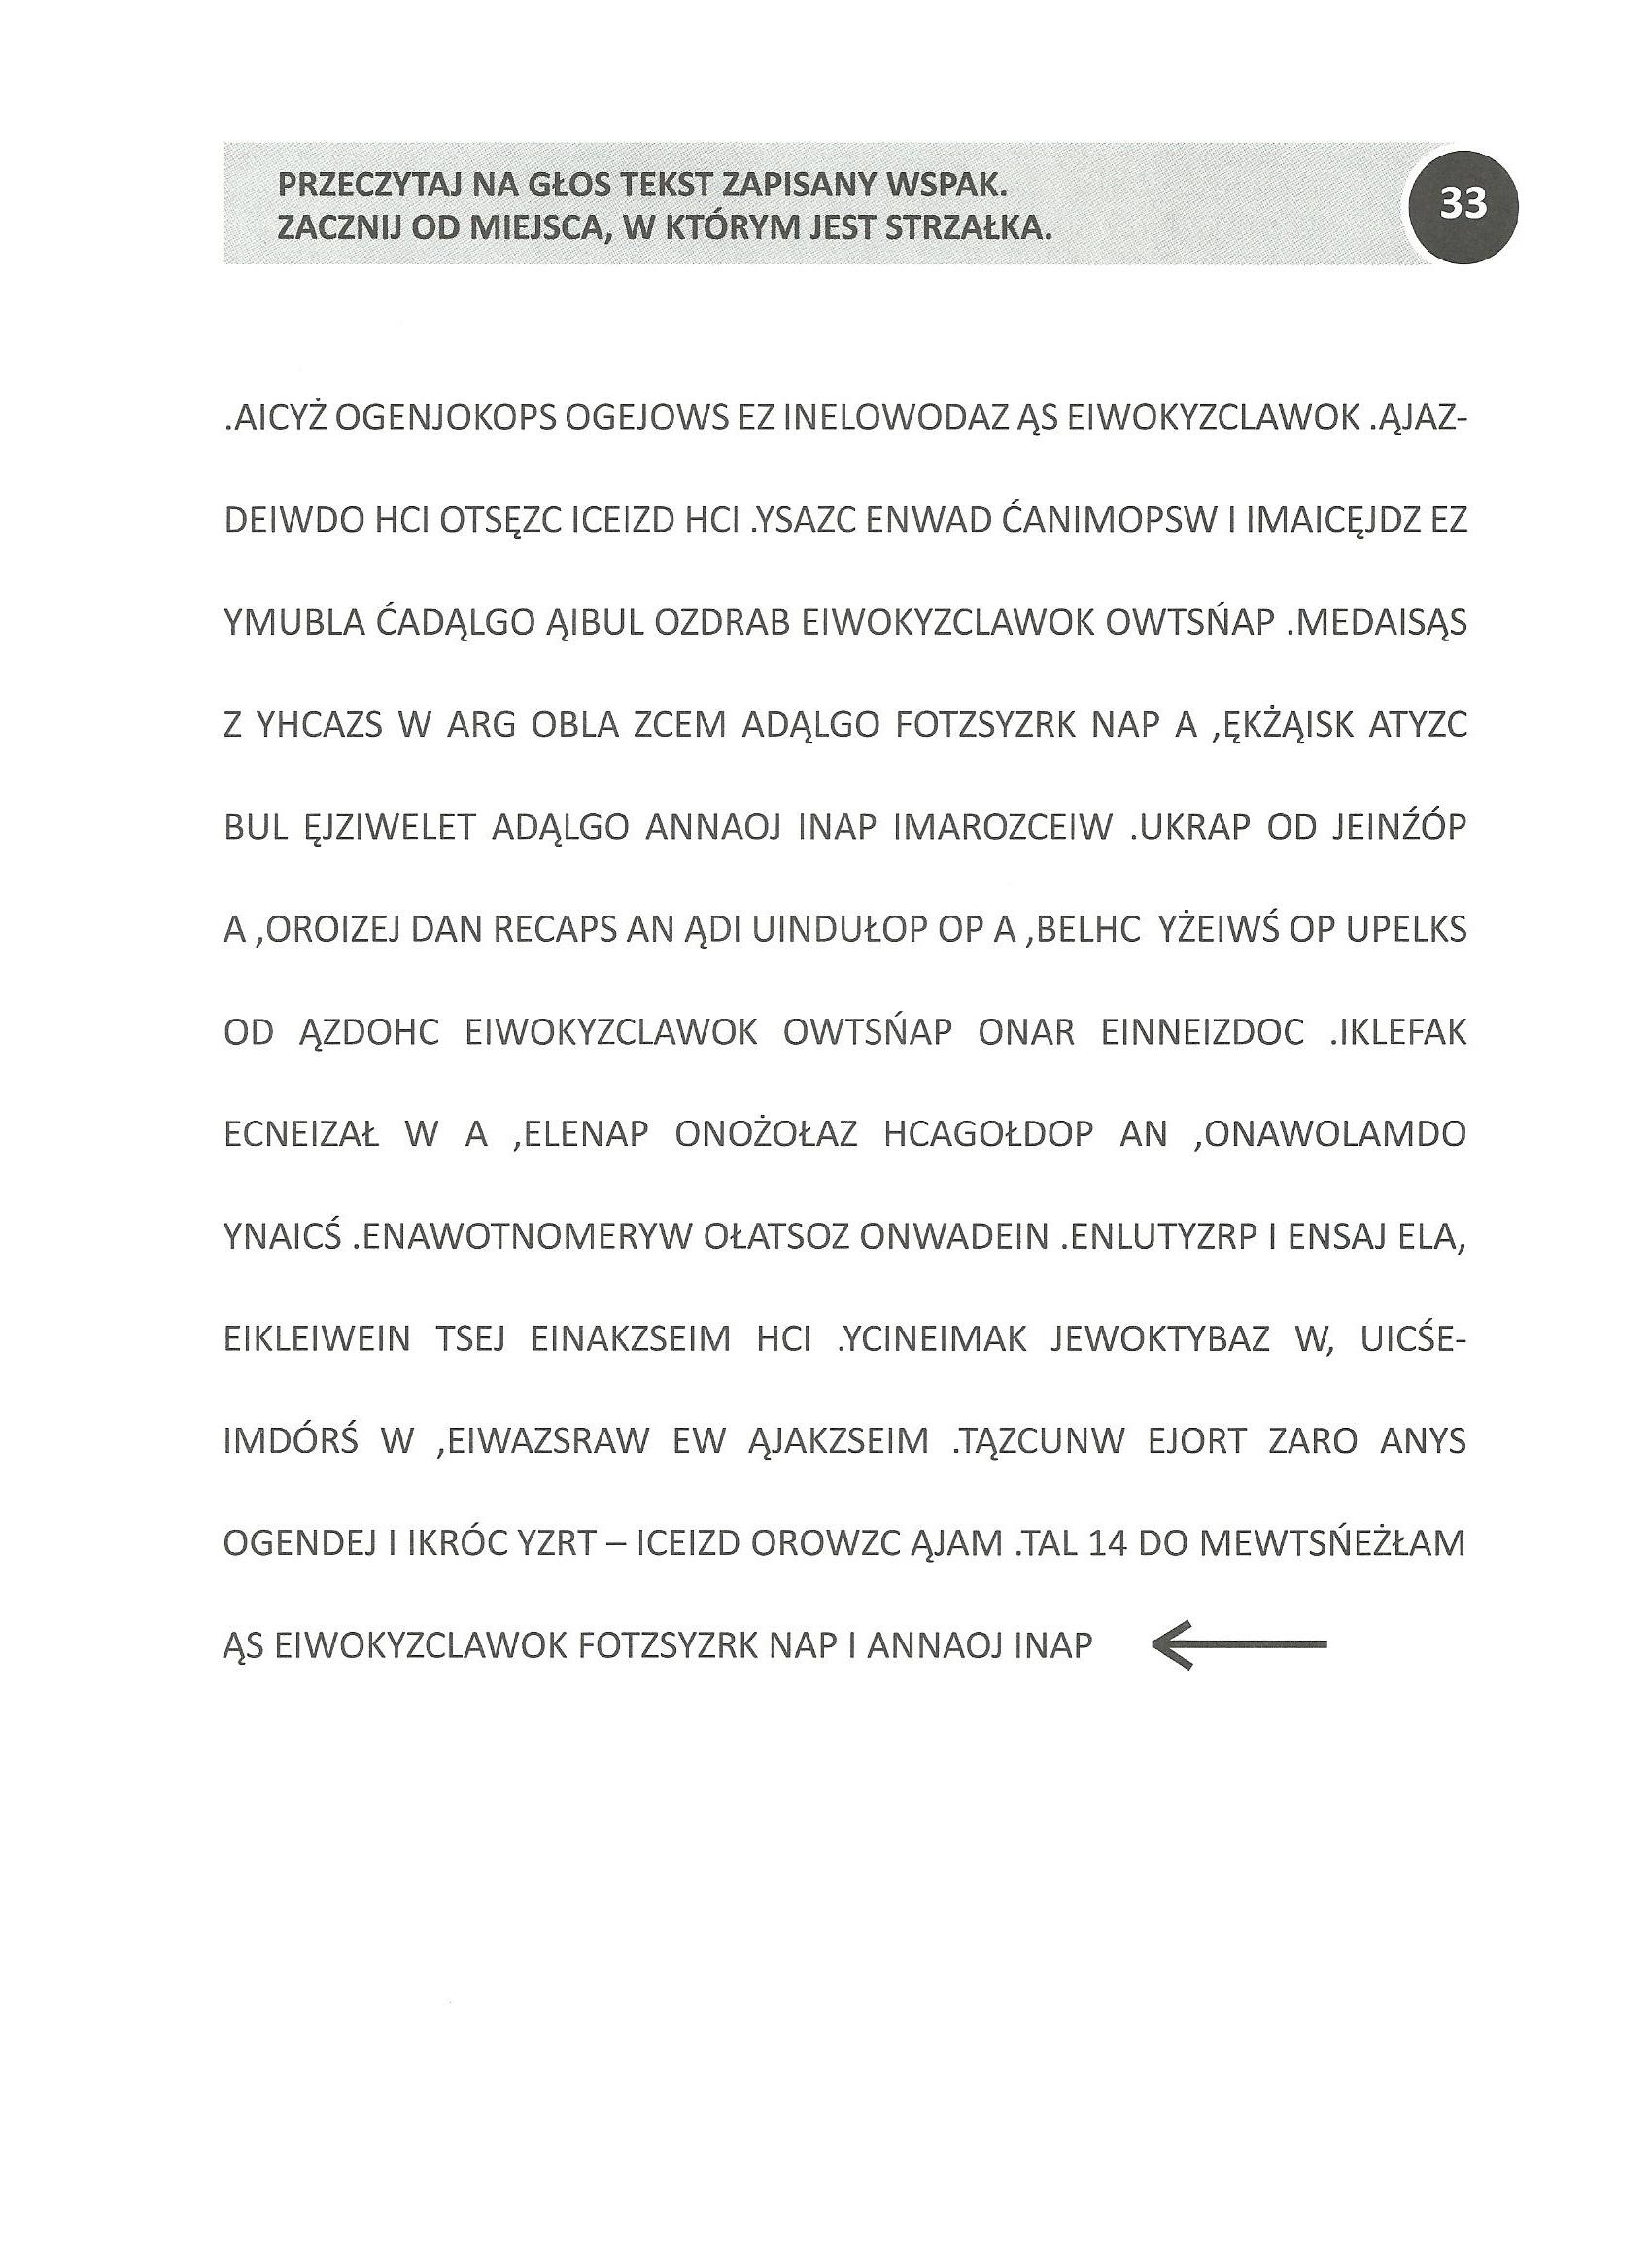 Cwiczenia Funkcji Poznawczych Cz 3 028 Dzienny Dom